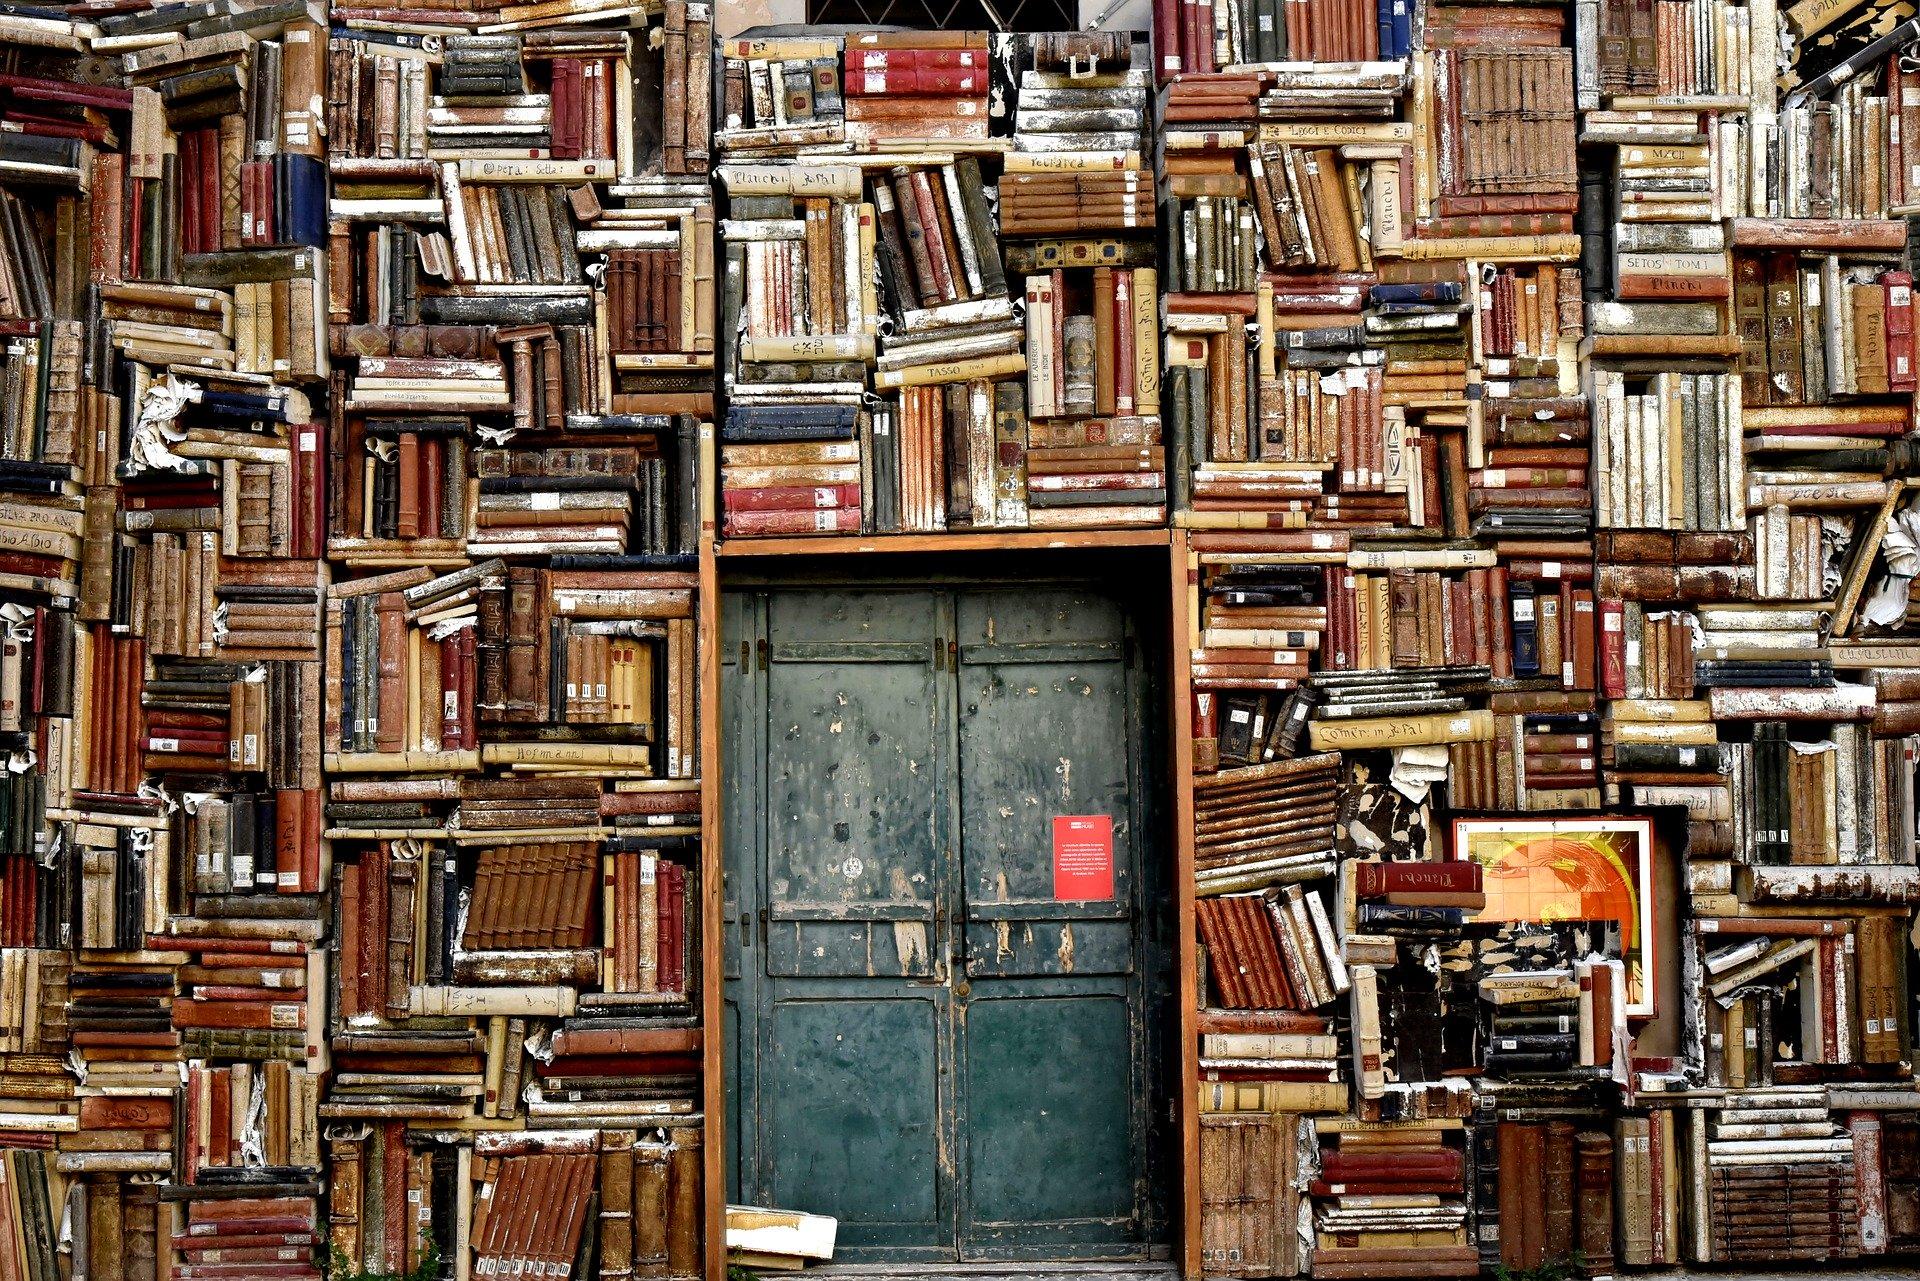 ABOGADO ARS Valladolid gastos escolares entran en la pension de alimentos libros